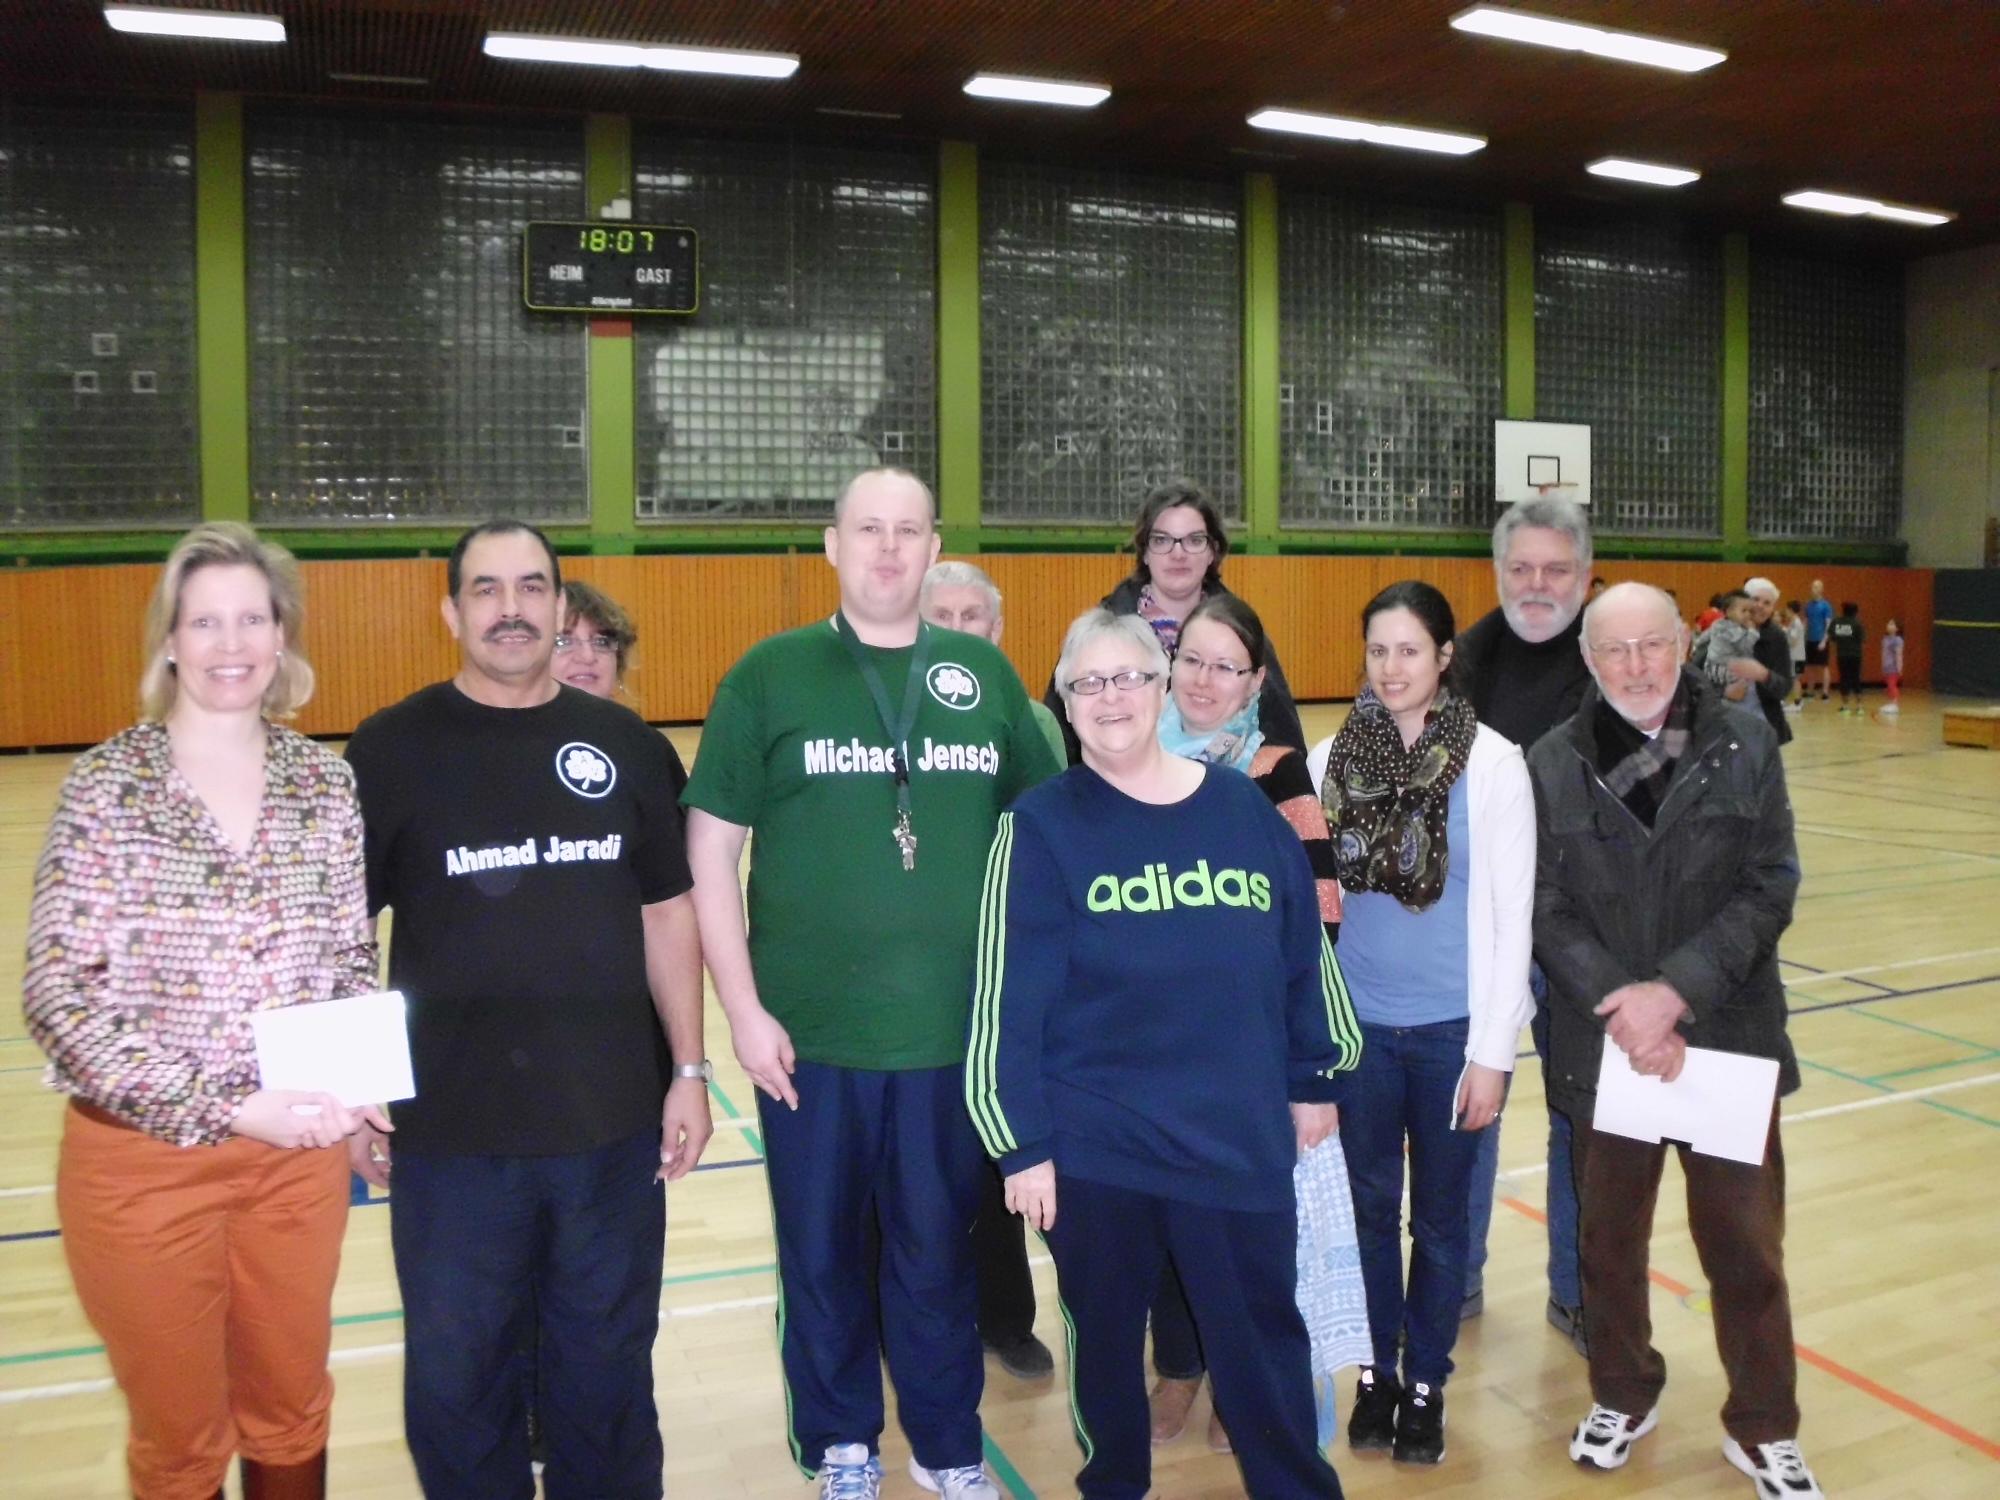 Birga Köhler (ganz links) mit den Vertretern des ASV Berlin e.V.